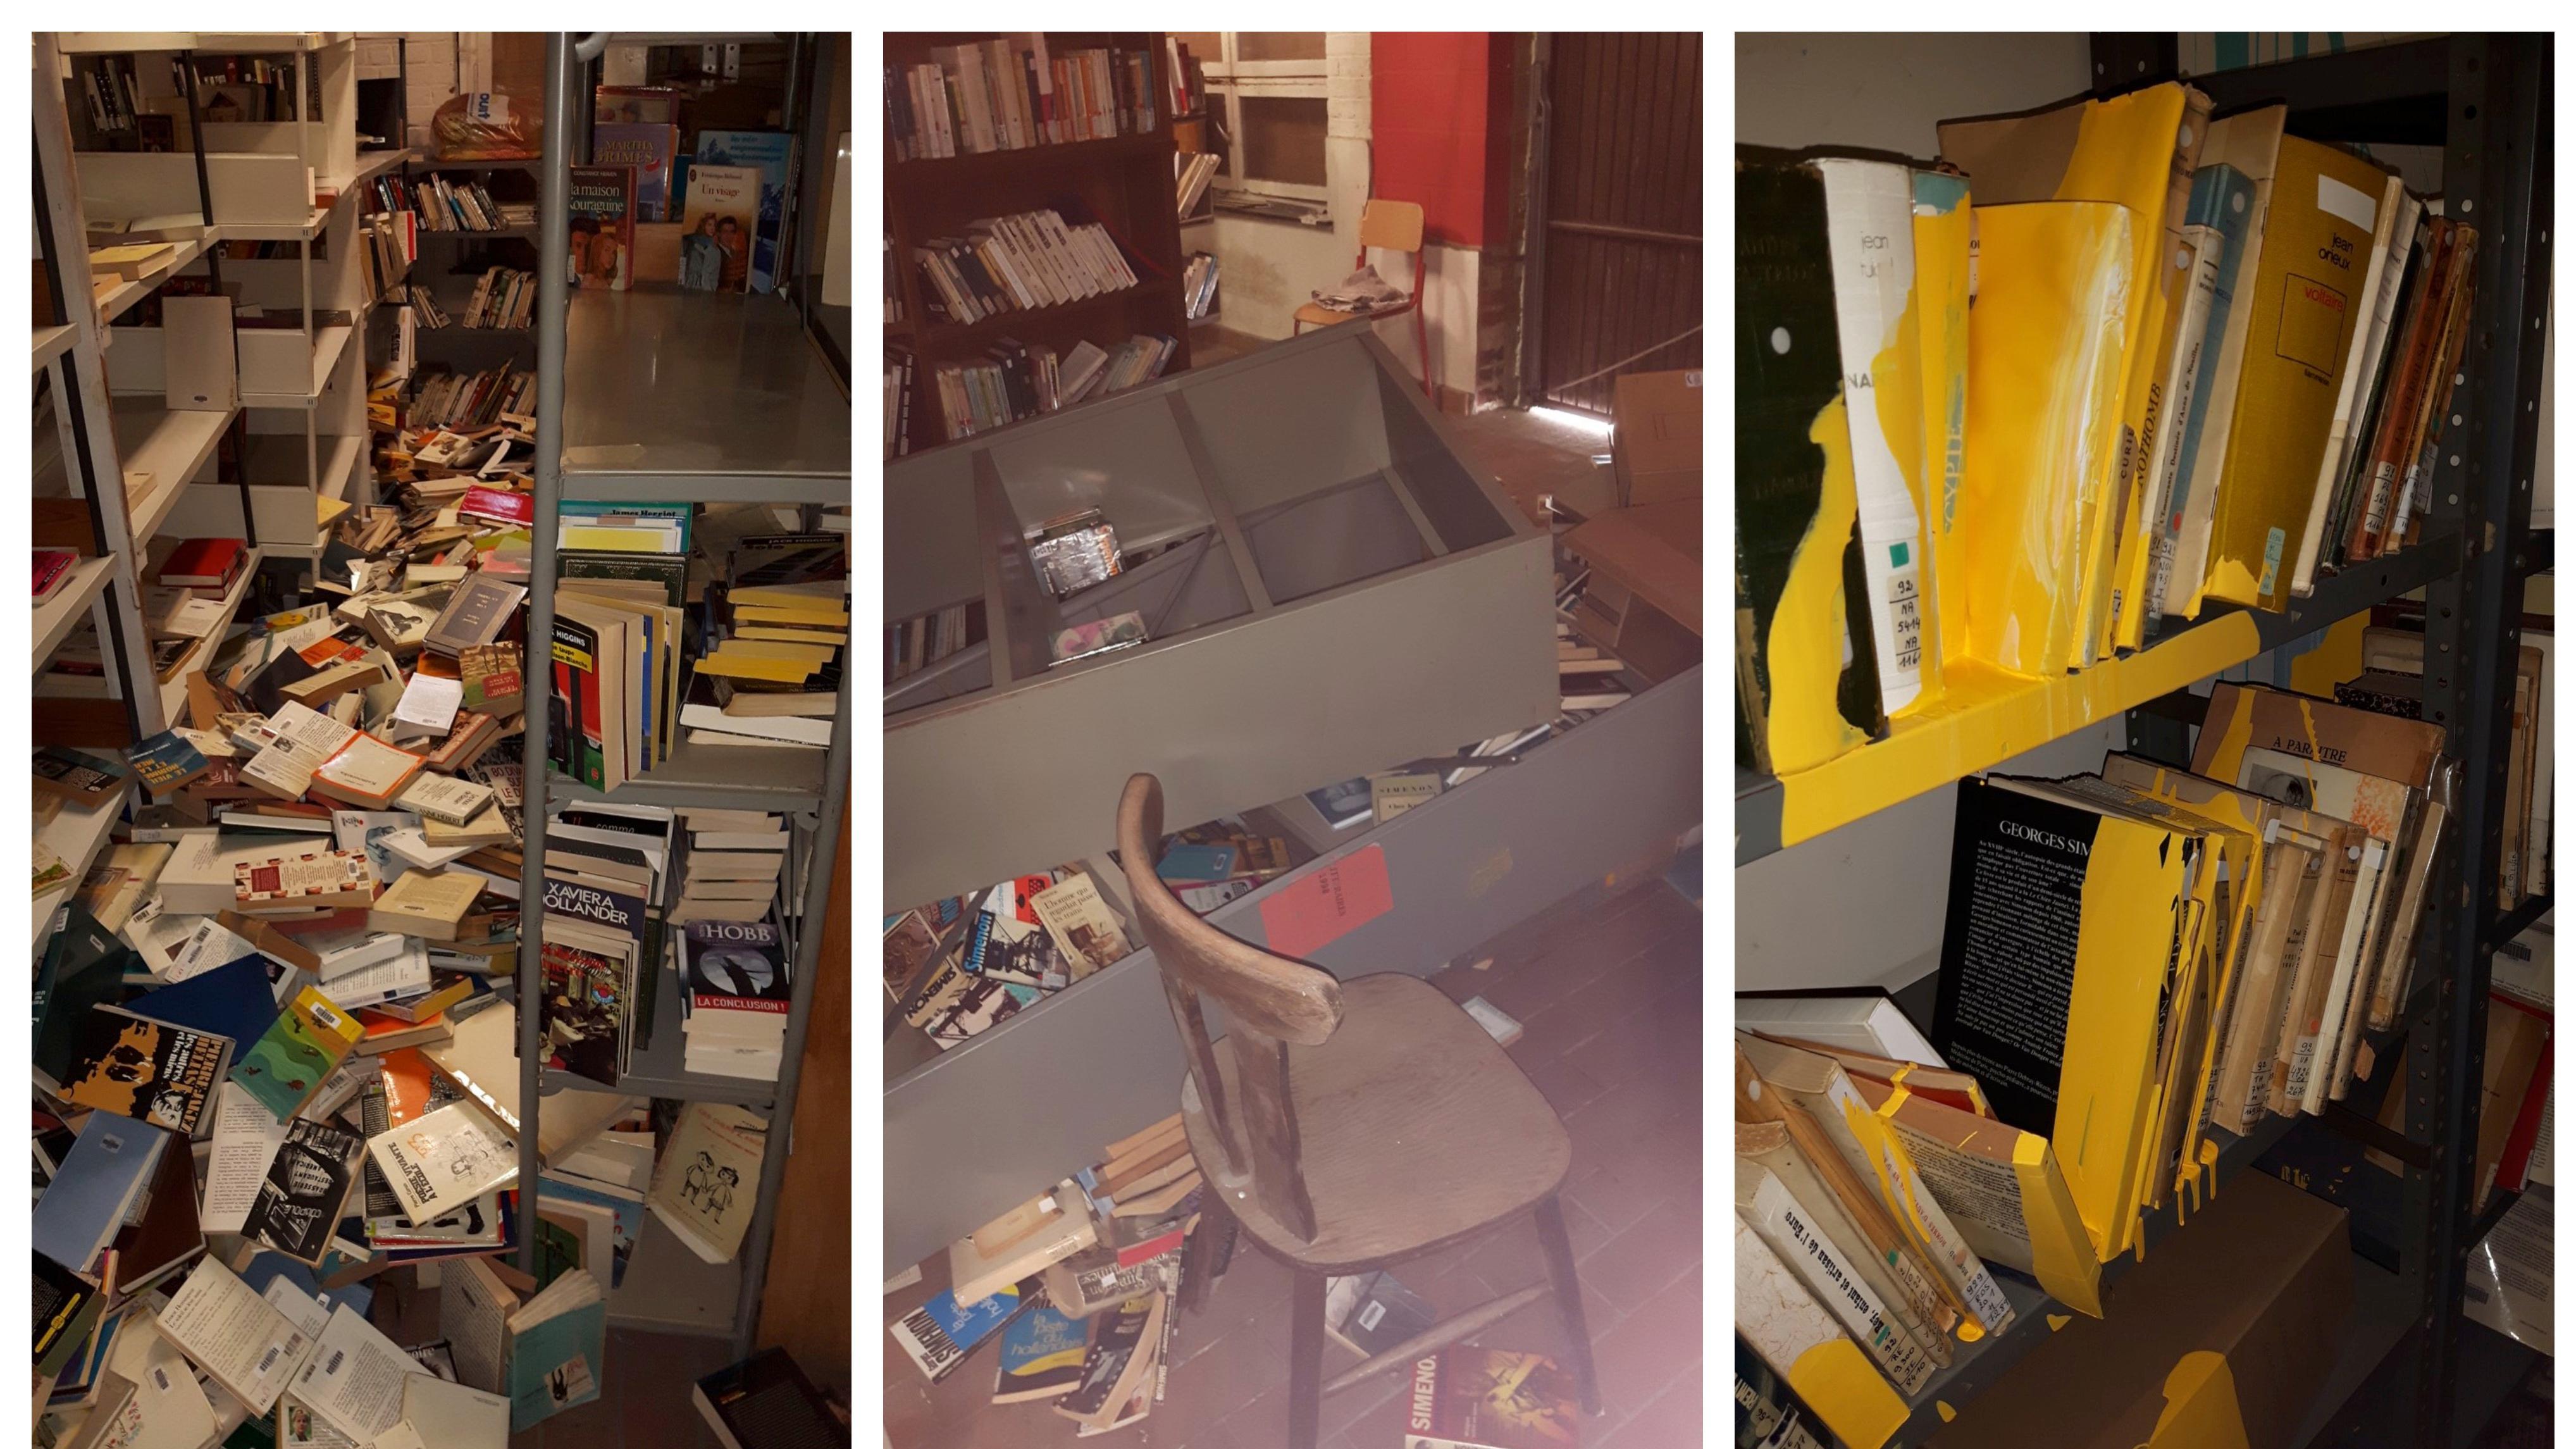 La réserve des bibliothèques saccagée